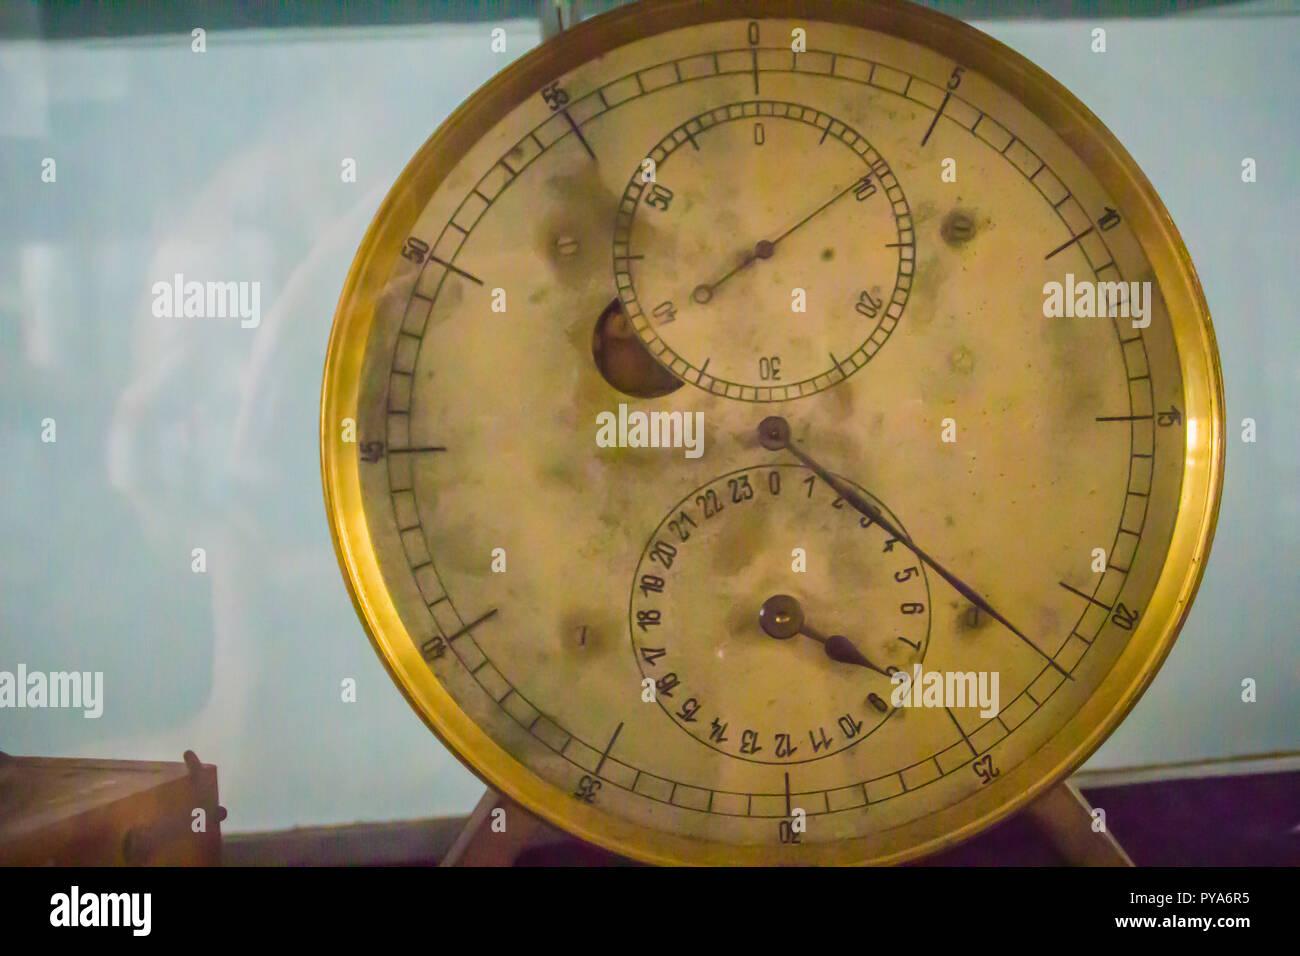 Vintage antiguo cronómetro marino, un reloj que es precisa y